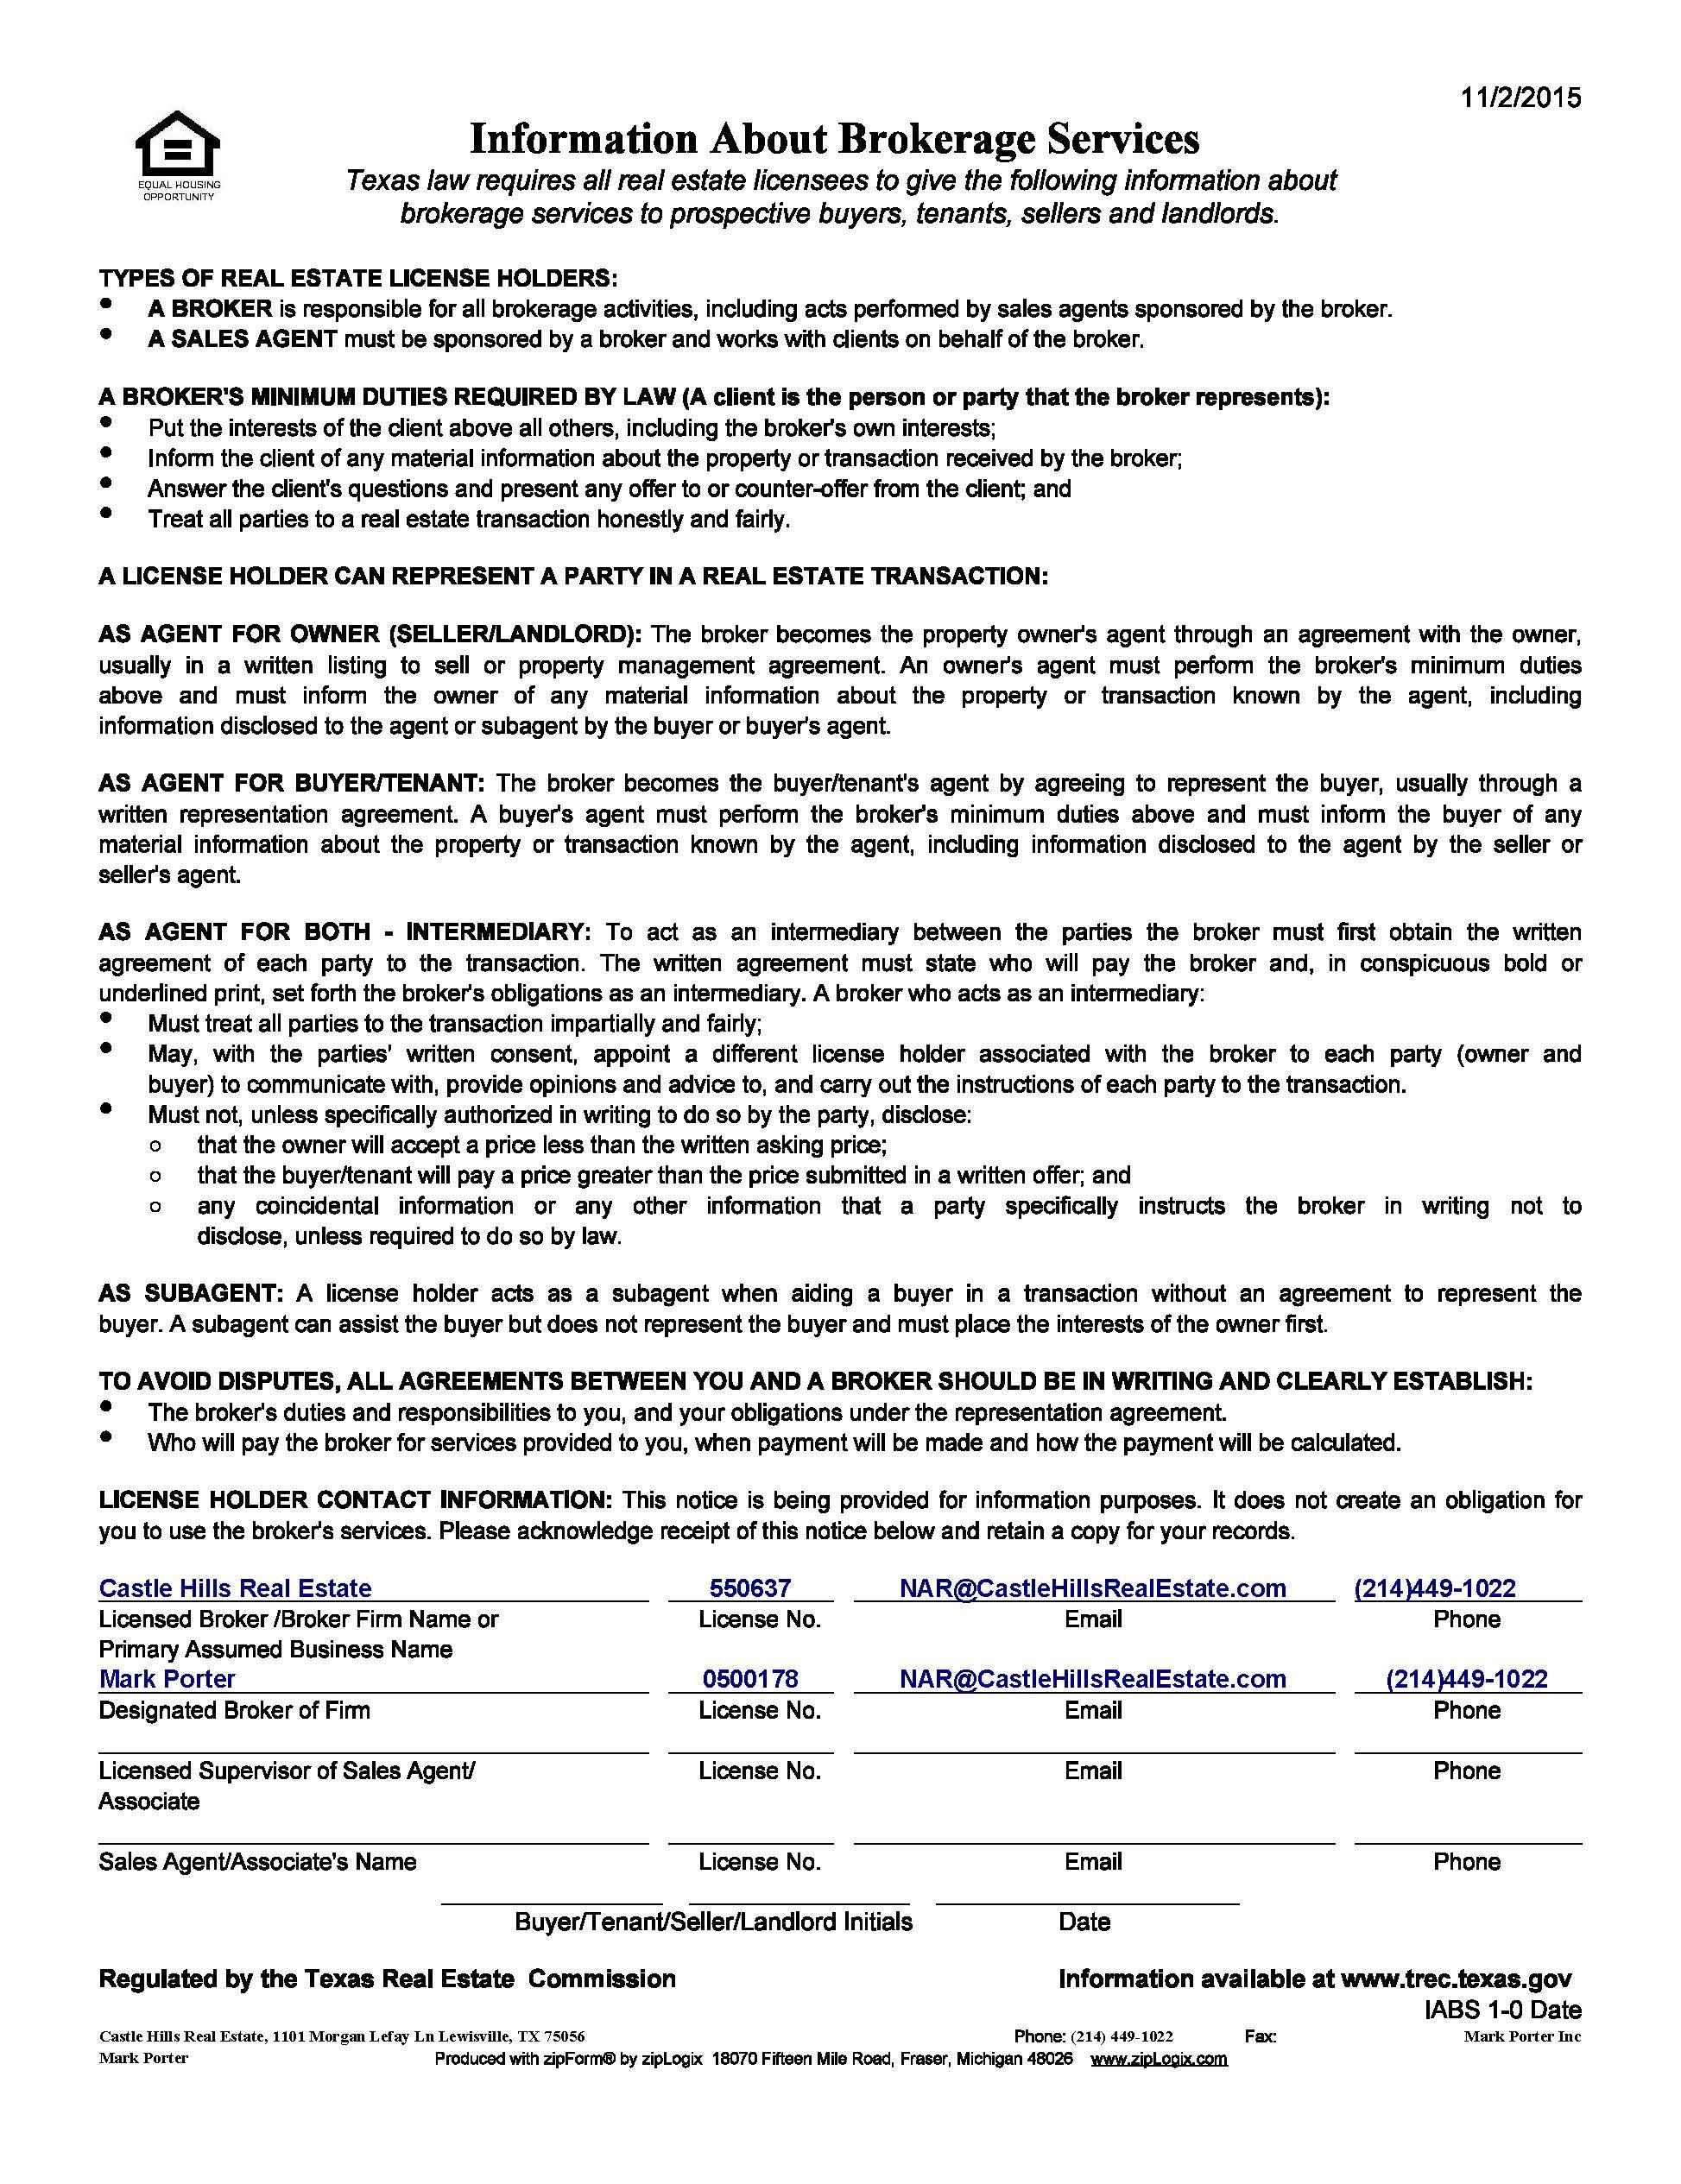 Trec Information About Brokerage Services Castle Hills Real Estate